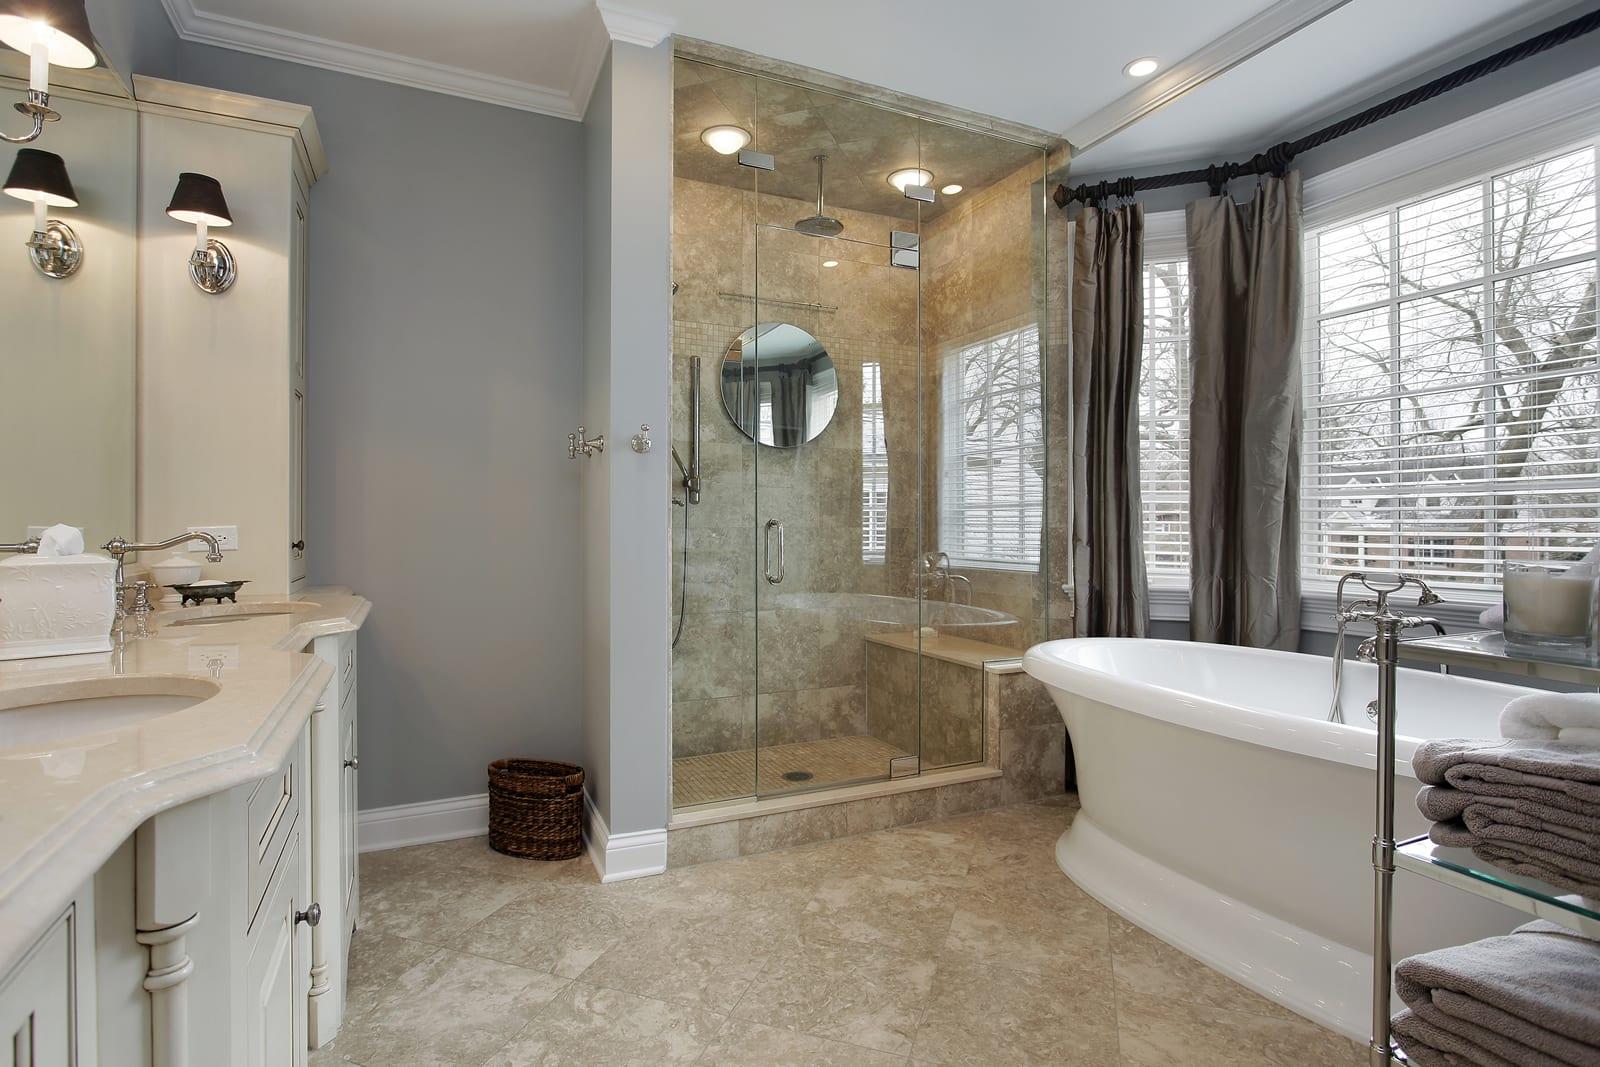 Bathroom remodeling phoenix bathroom remodeling for Better bath remodeling